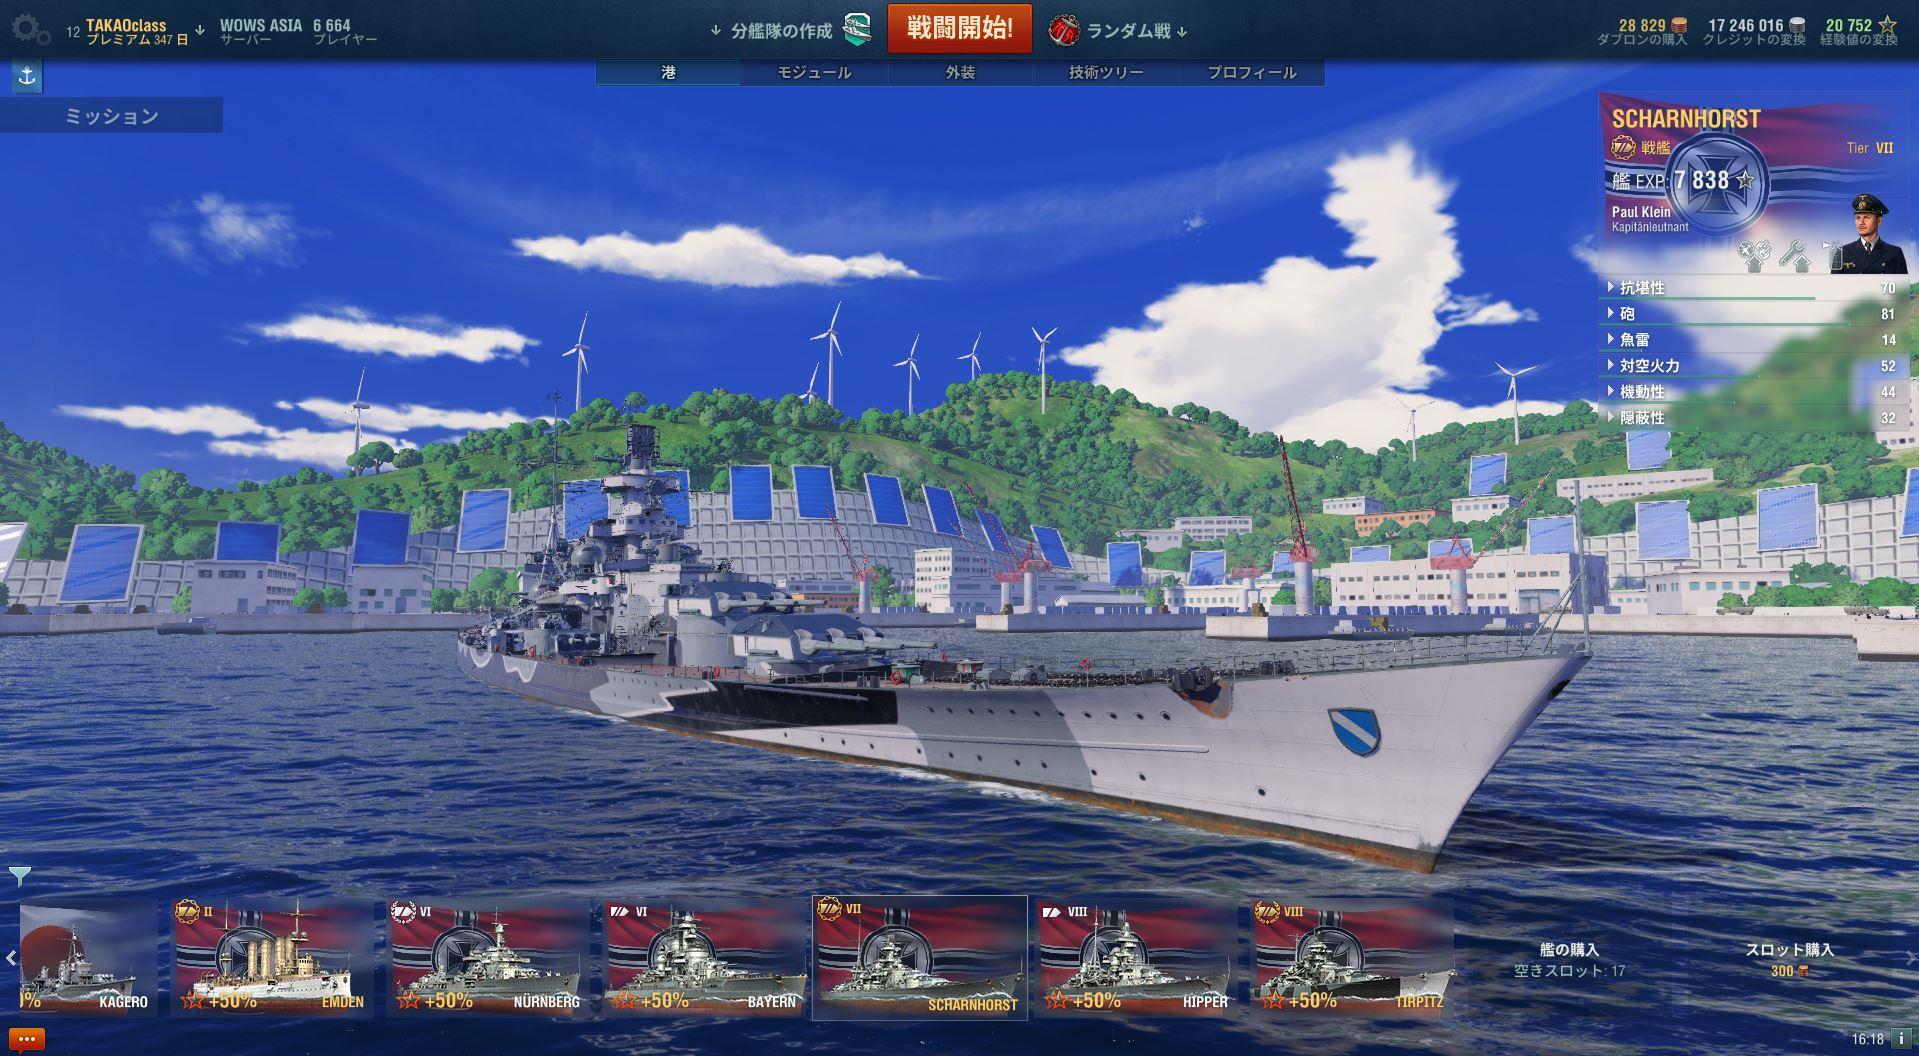 [W.o.WS] 독일 7티어 프리미엄 전함 샤른호르스트